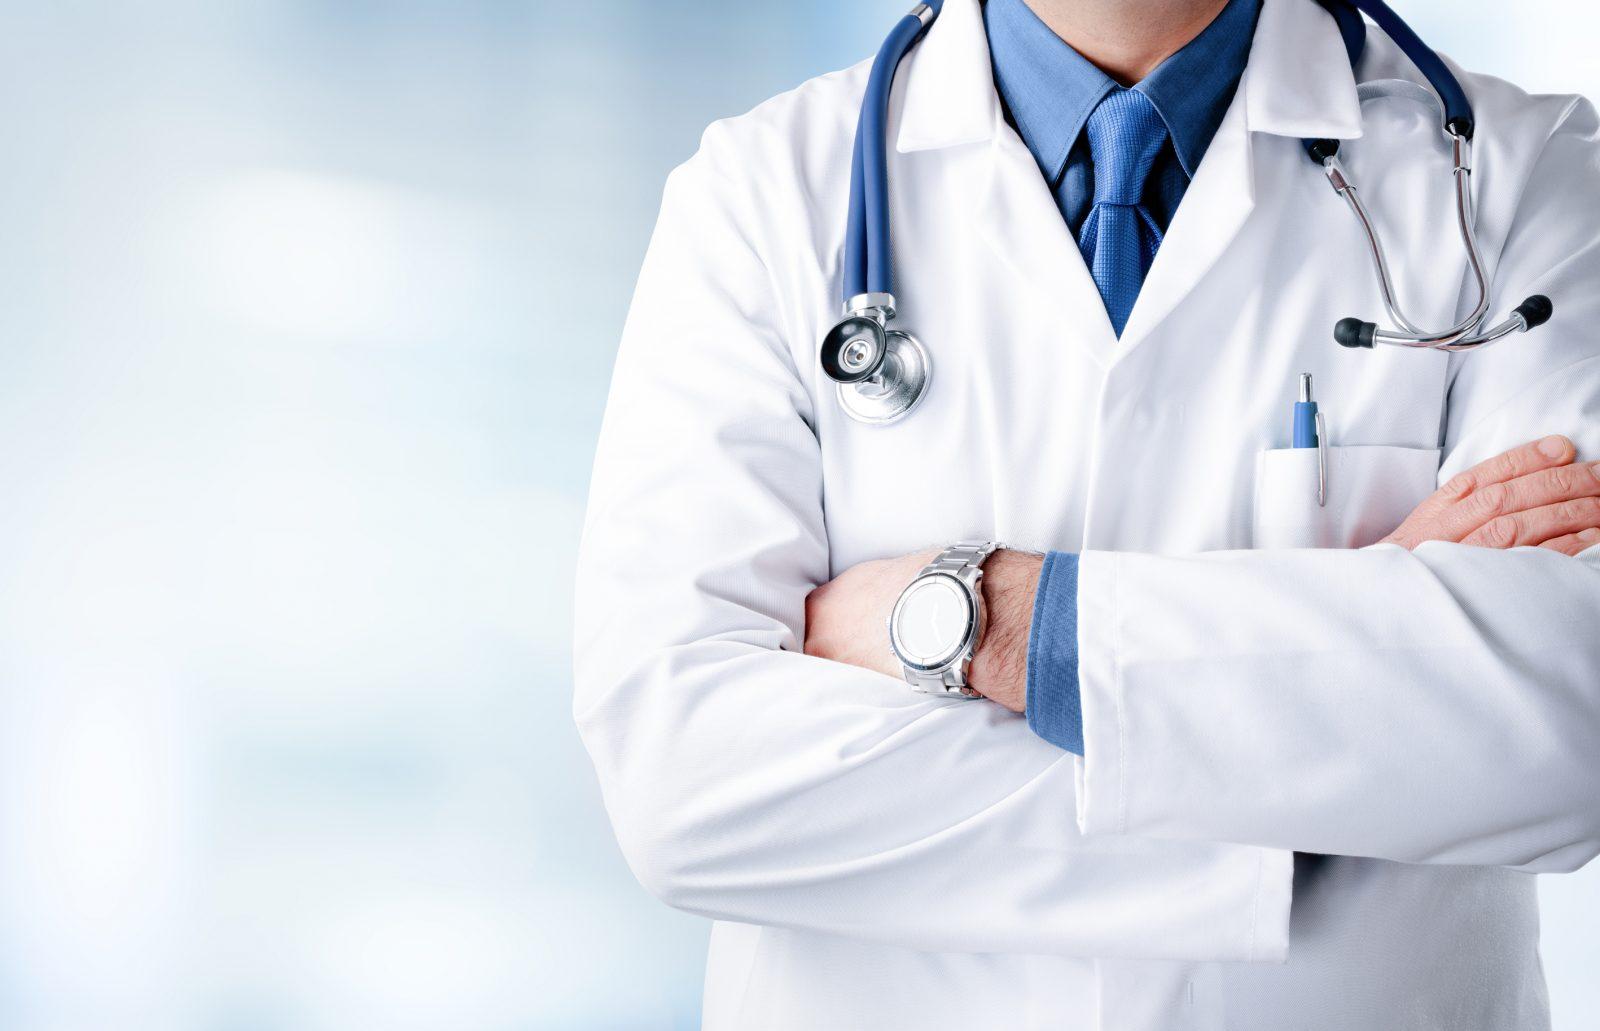 COVID-19 : permission spéciale pour les étudiants finissants en médecine